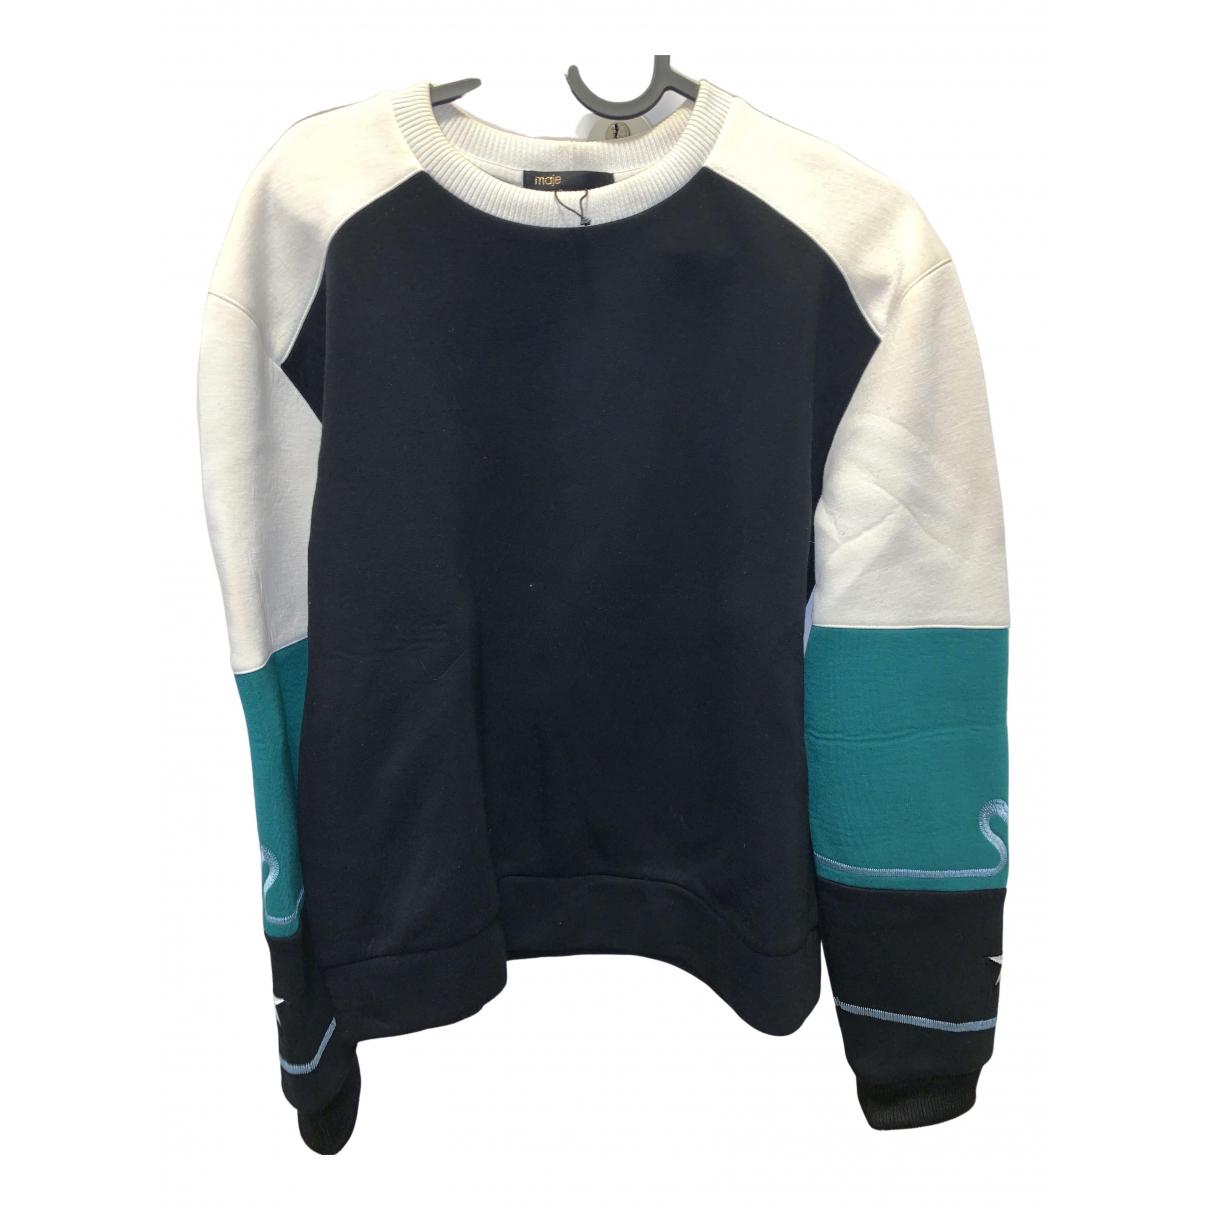 Maje N Multicolour Knitwear for Women 36 FR